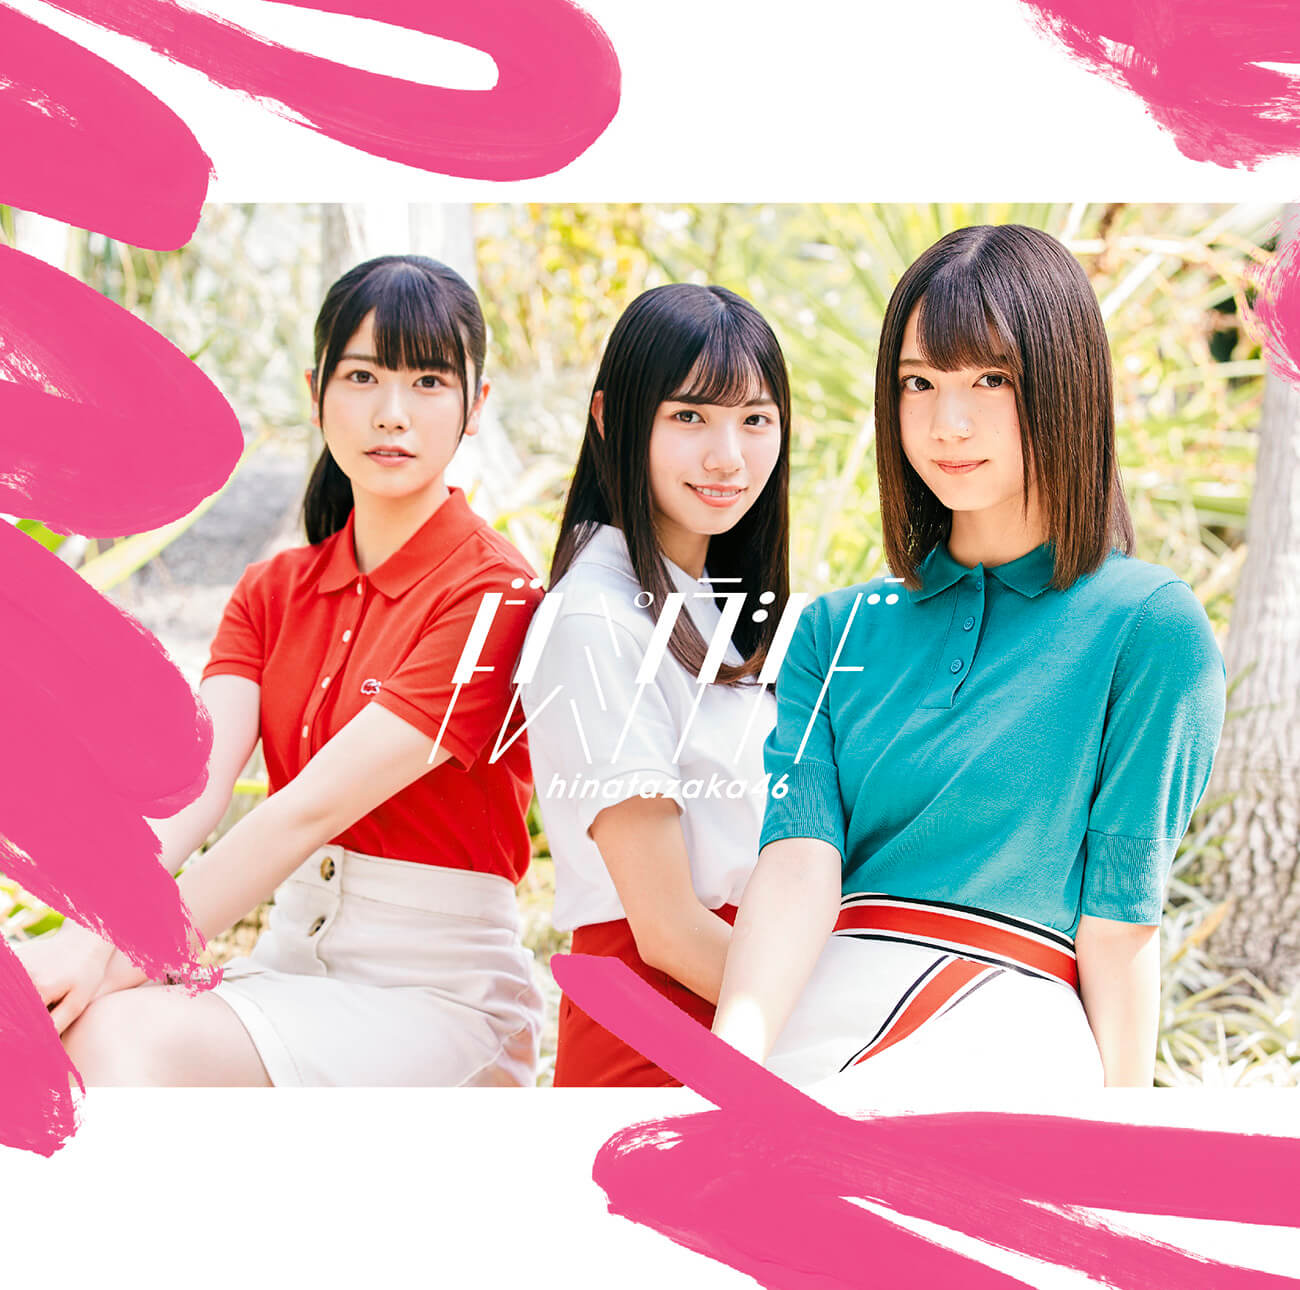 日向坂46、2ndシングル「ドレミソラシド」収録のユニット曲「やさしさが邪魔をする」MV解禁サムネイル画像!